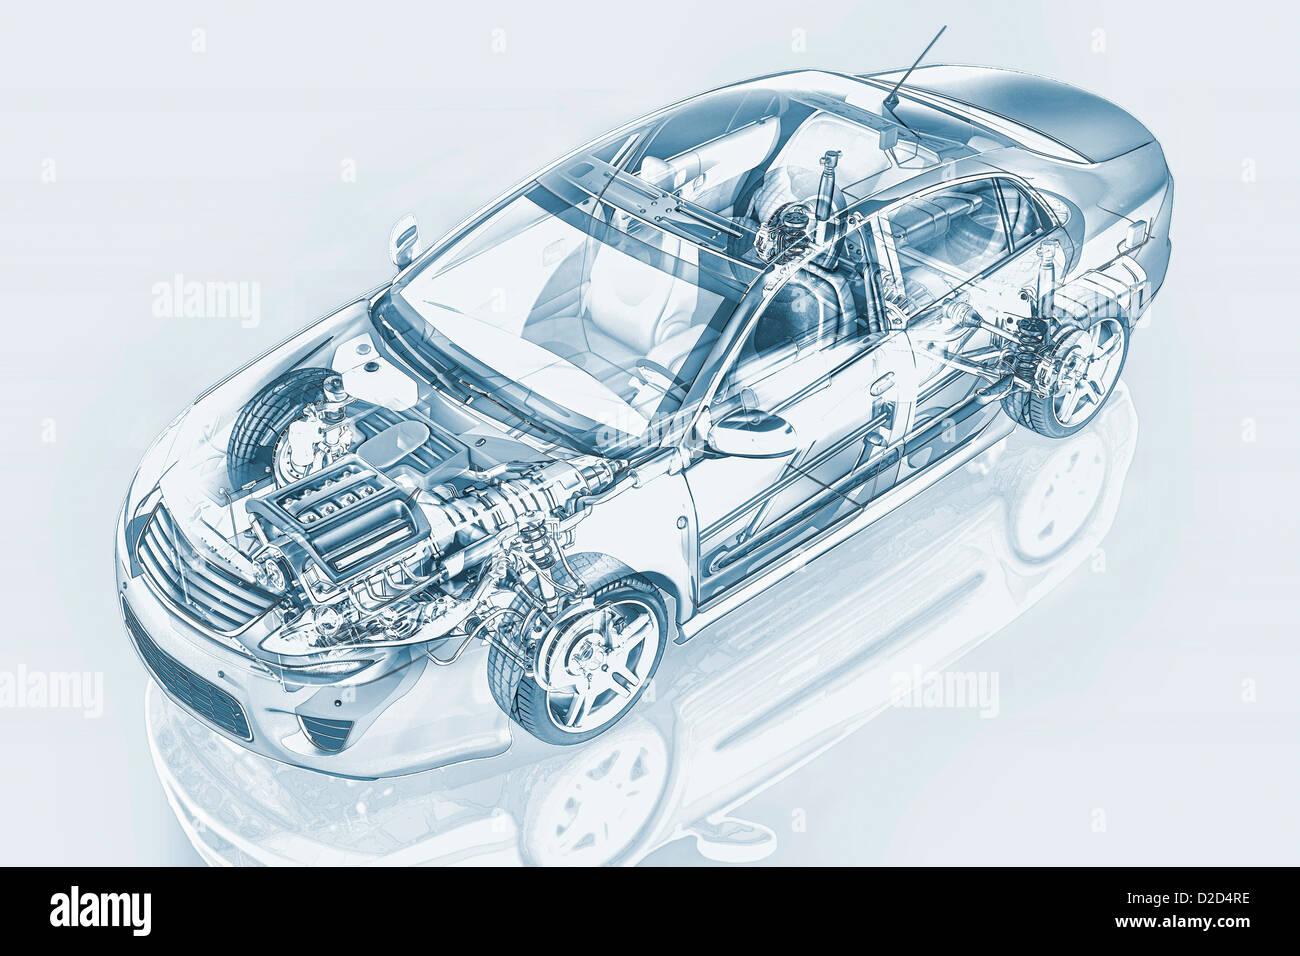 Computer auto illustrazione che mostra le strutture interne Immagini Stock